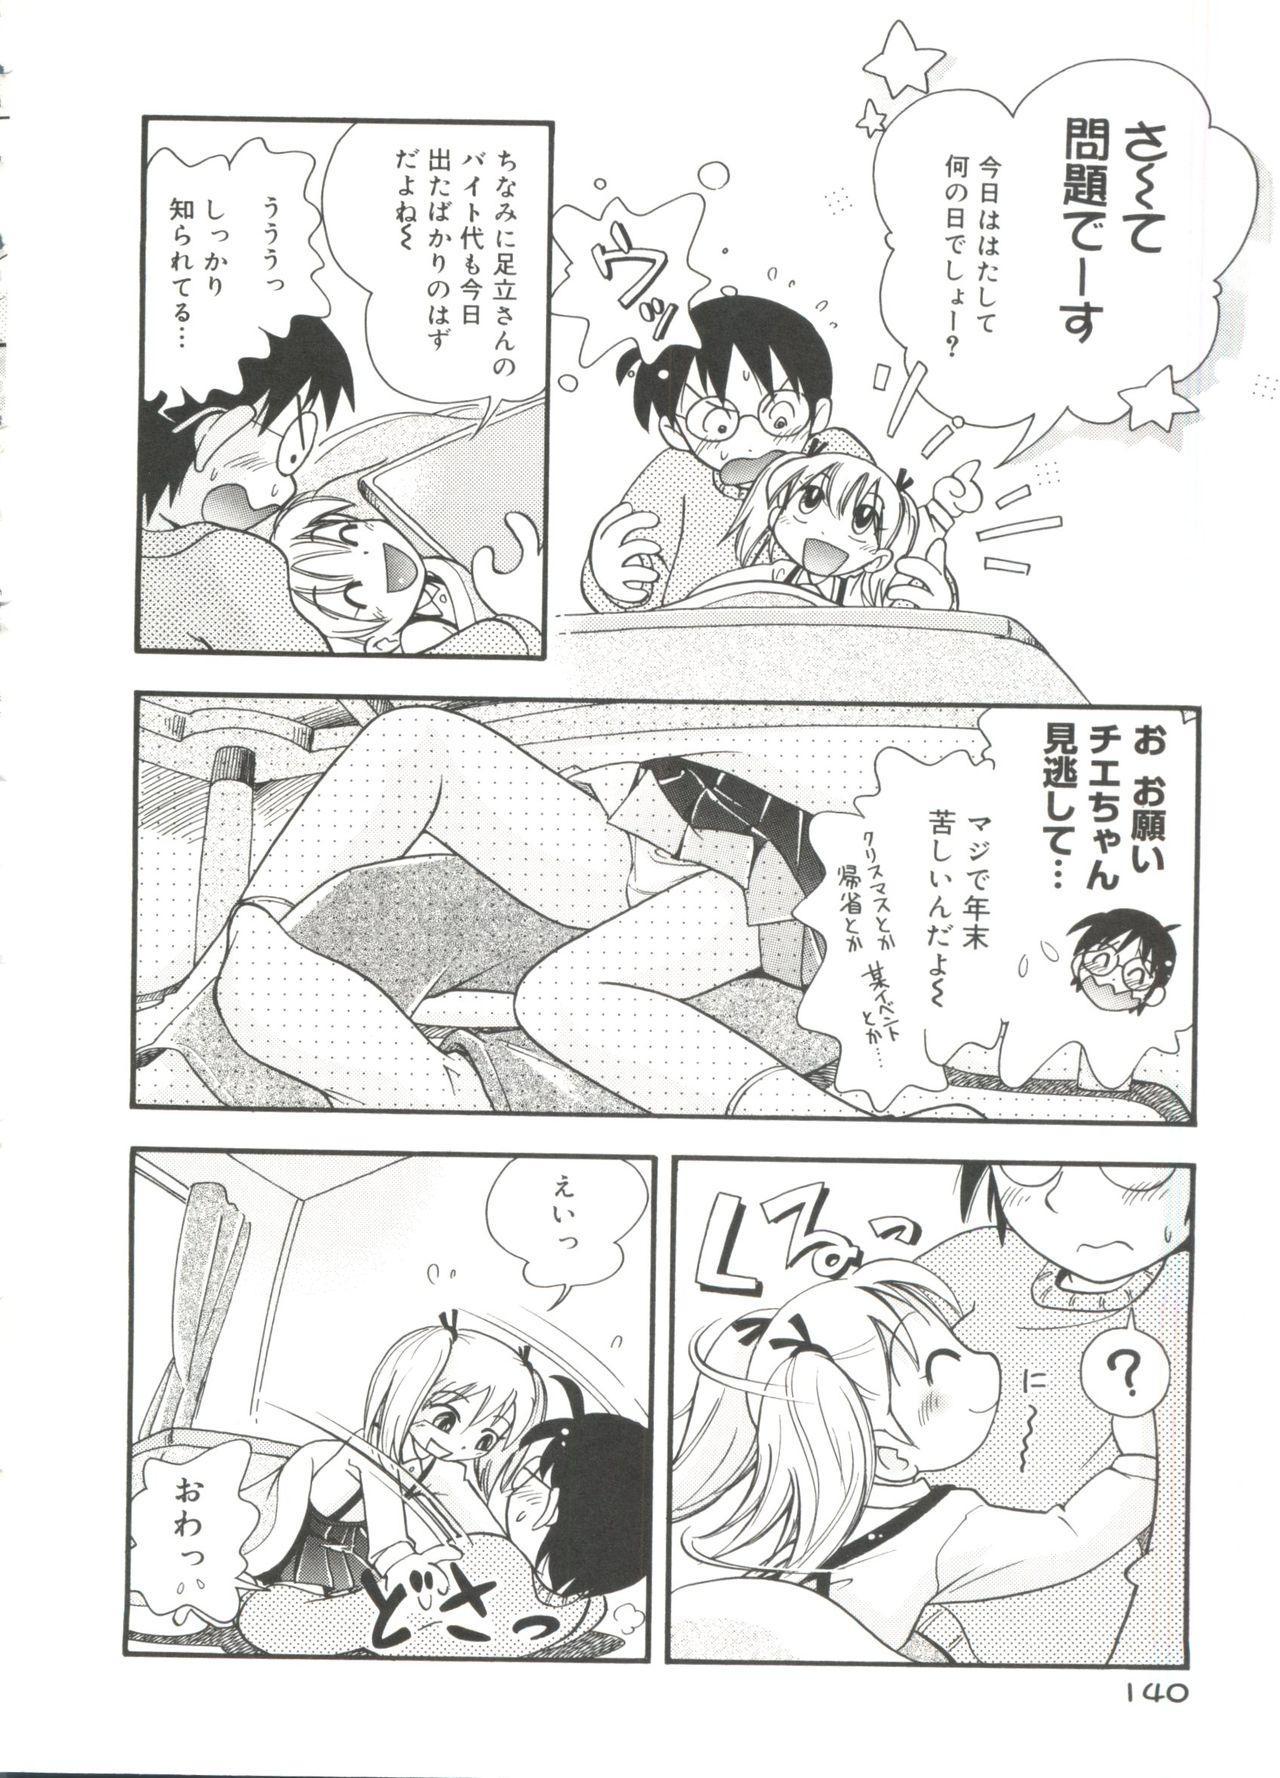 Nakayoshi-chan 141